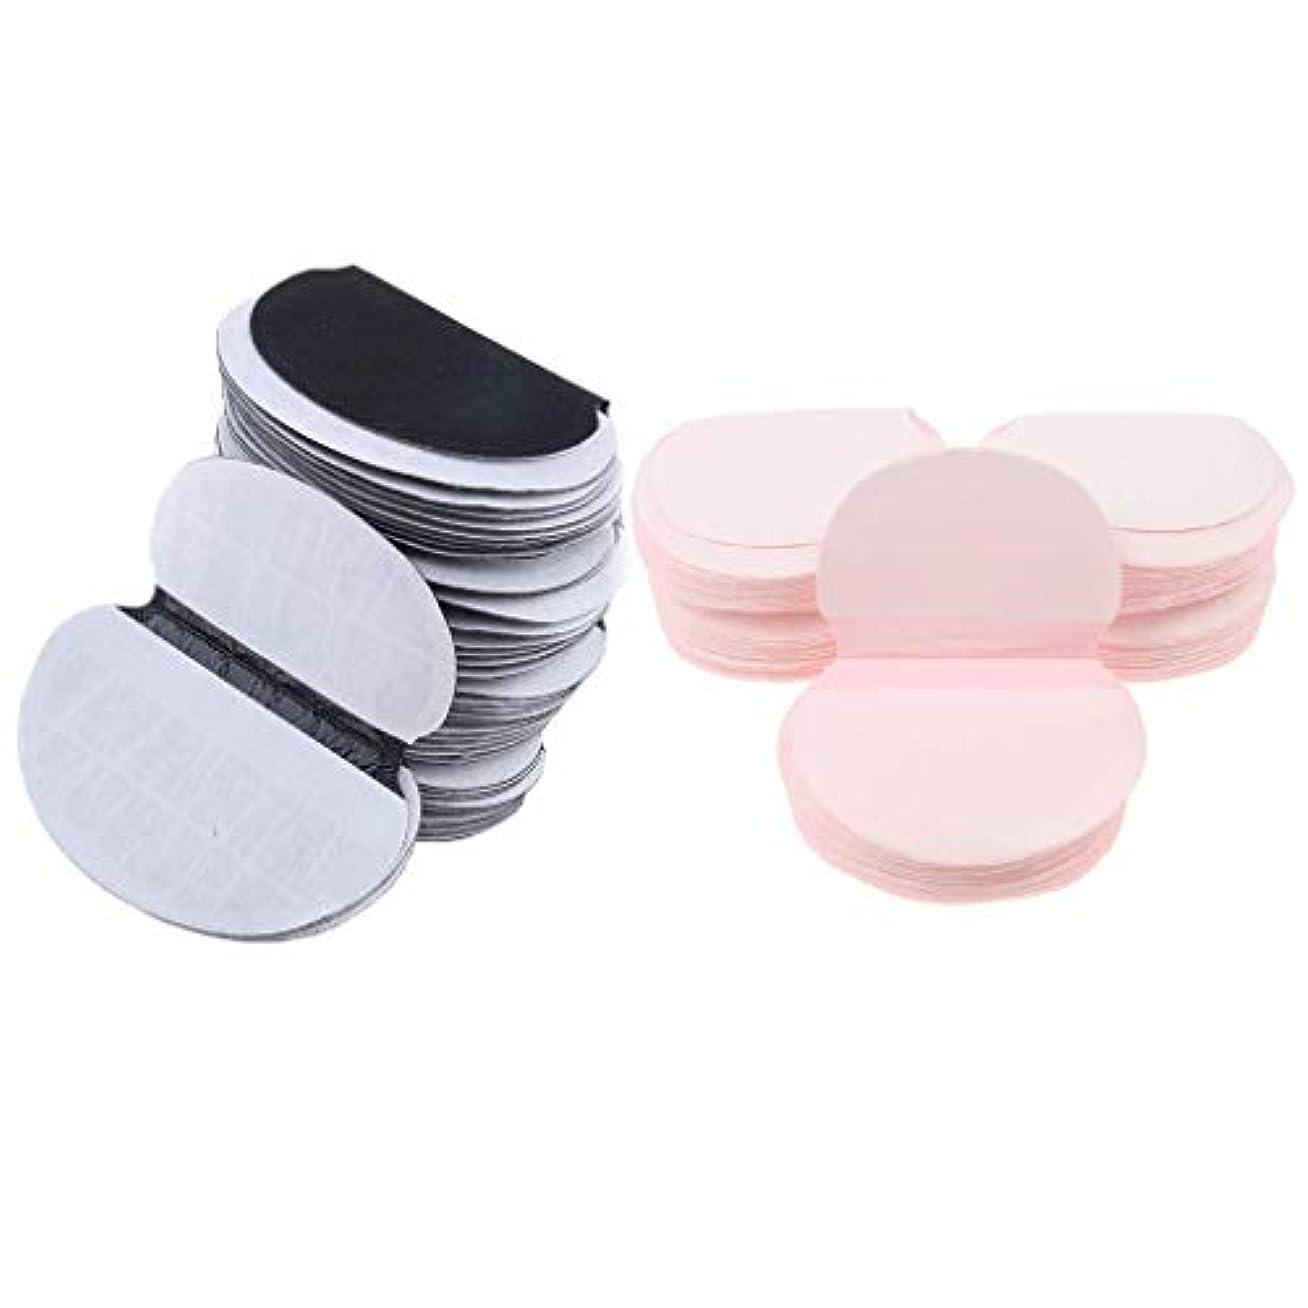 色合い忌み嫌う個人的なBaoblaze 約100個 使い捨て 脇パッド 汗取りパッド 男性 女性 あせジミ防止 防臭 ブラック ピンク